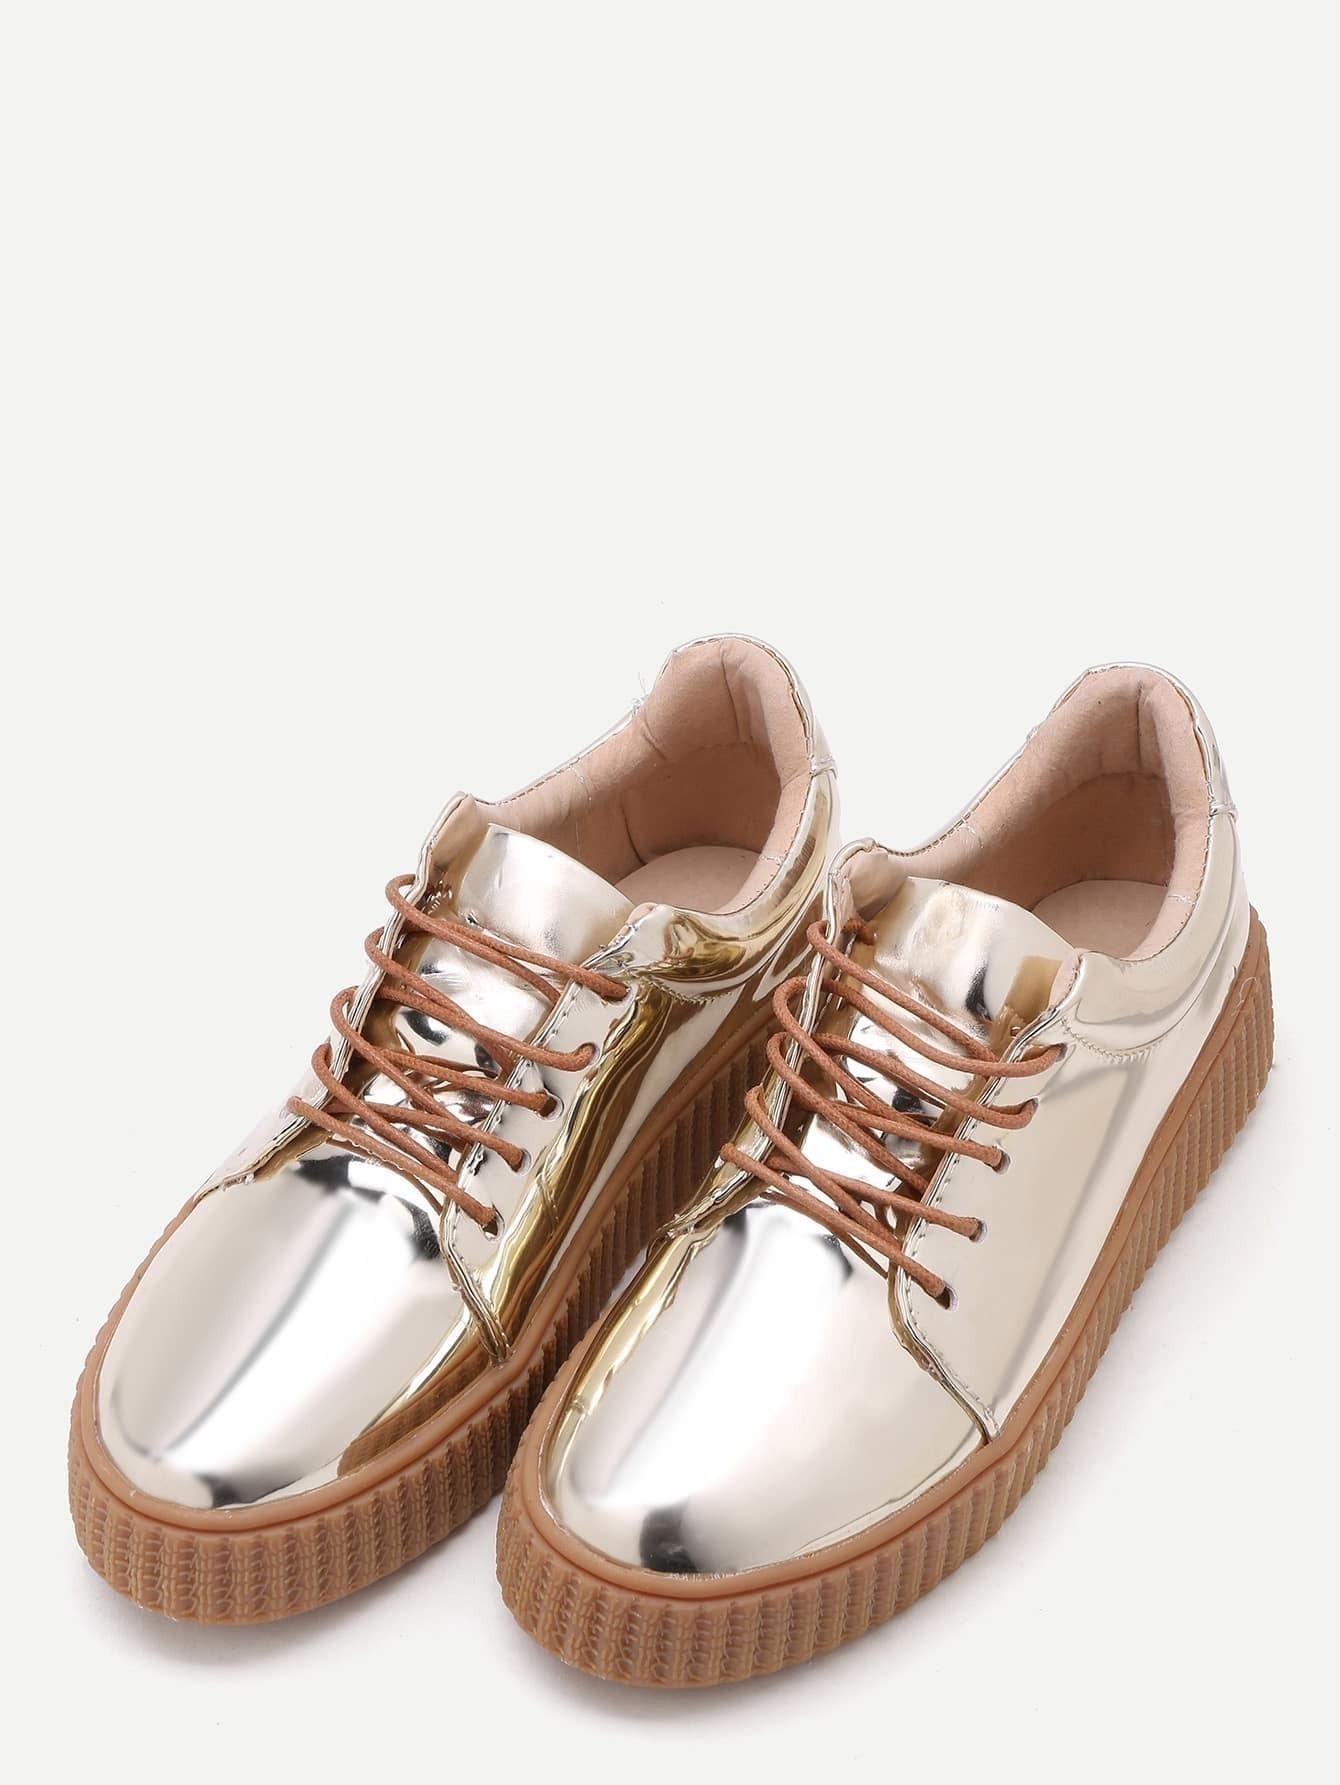 shoes161213811_2